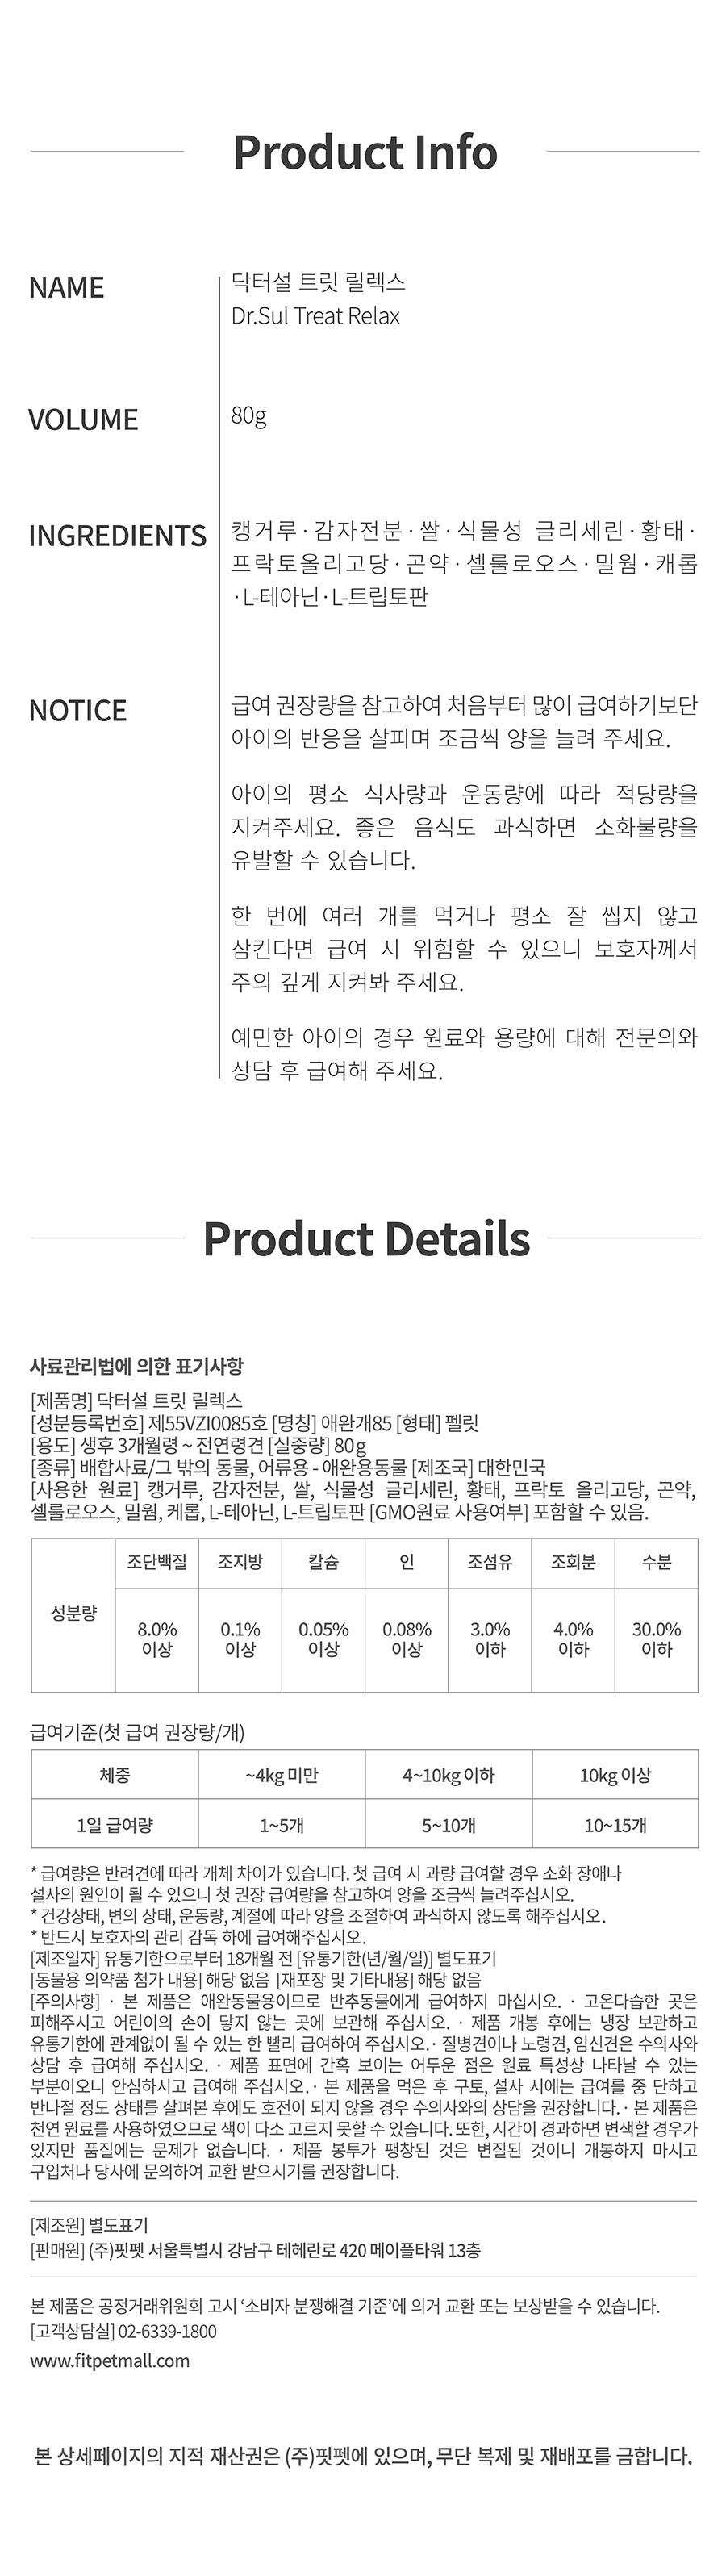 닥터설 트릿 릴렉스 대용량 (80g*6개)-상품이미지-11